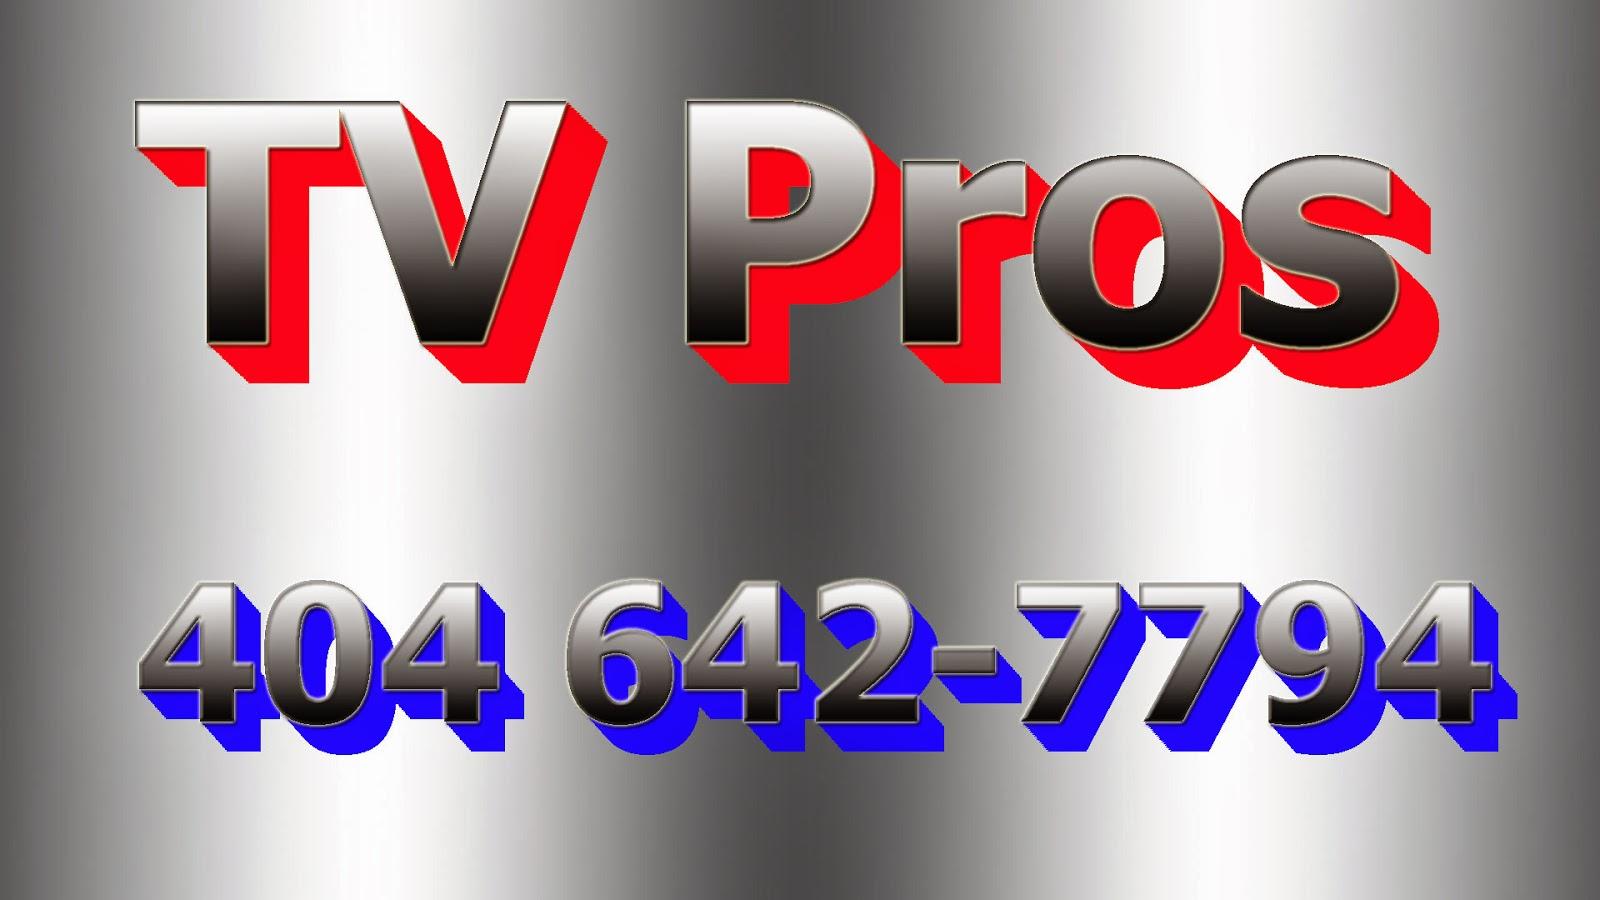 mobile television repair atlanta - Mobile Tv Repair